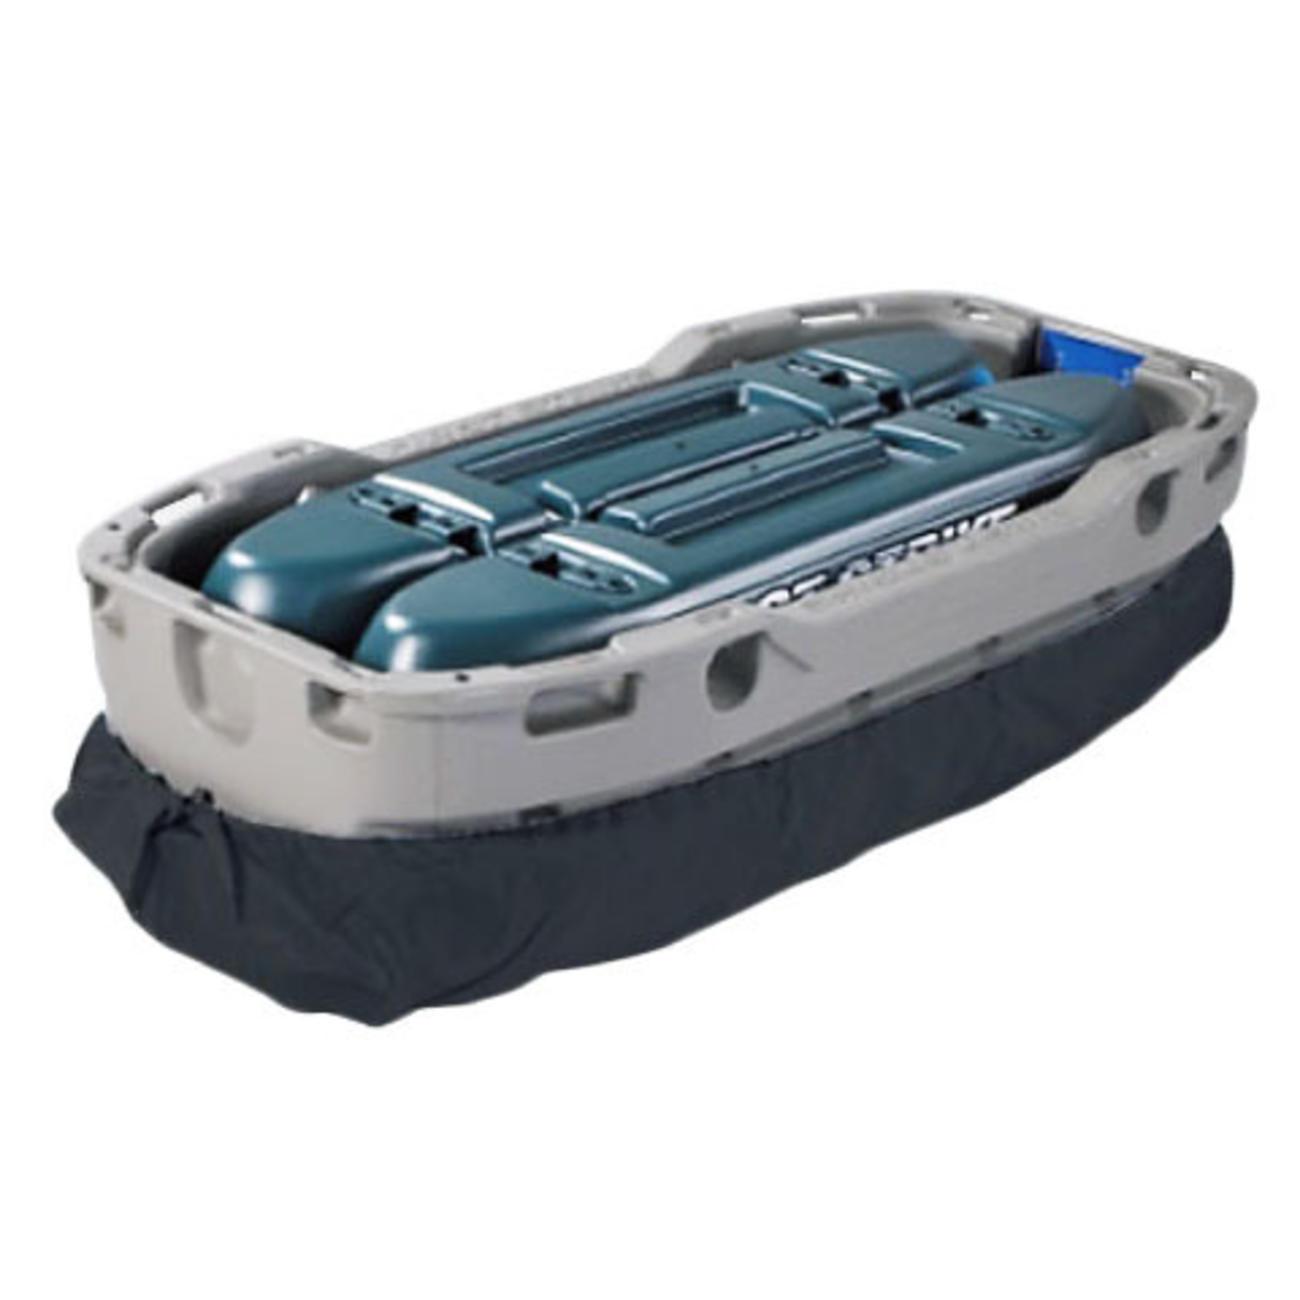 フロートボート専用 ボートカバー